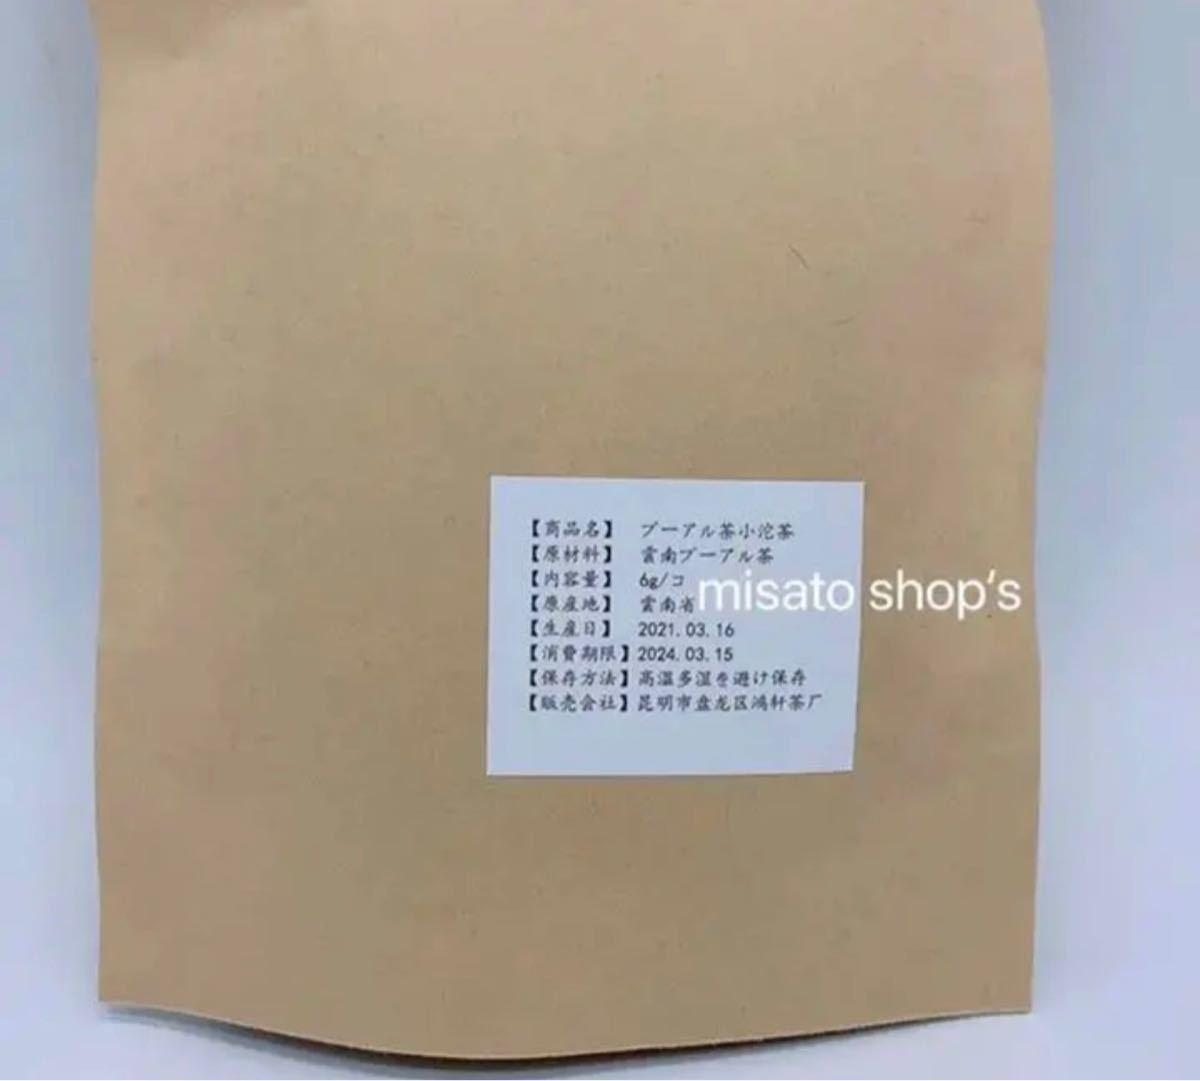 雲南省 プーアル茶 小沱茶 瑰(ローズ)熟茶 50コ